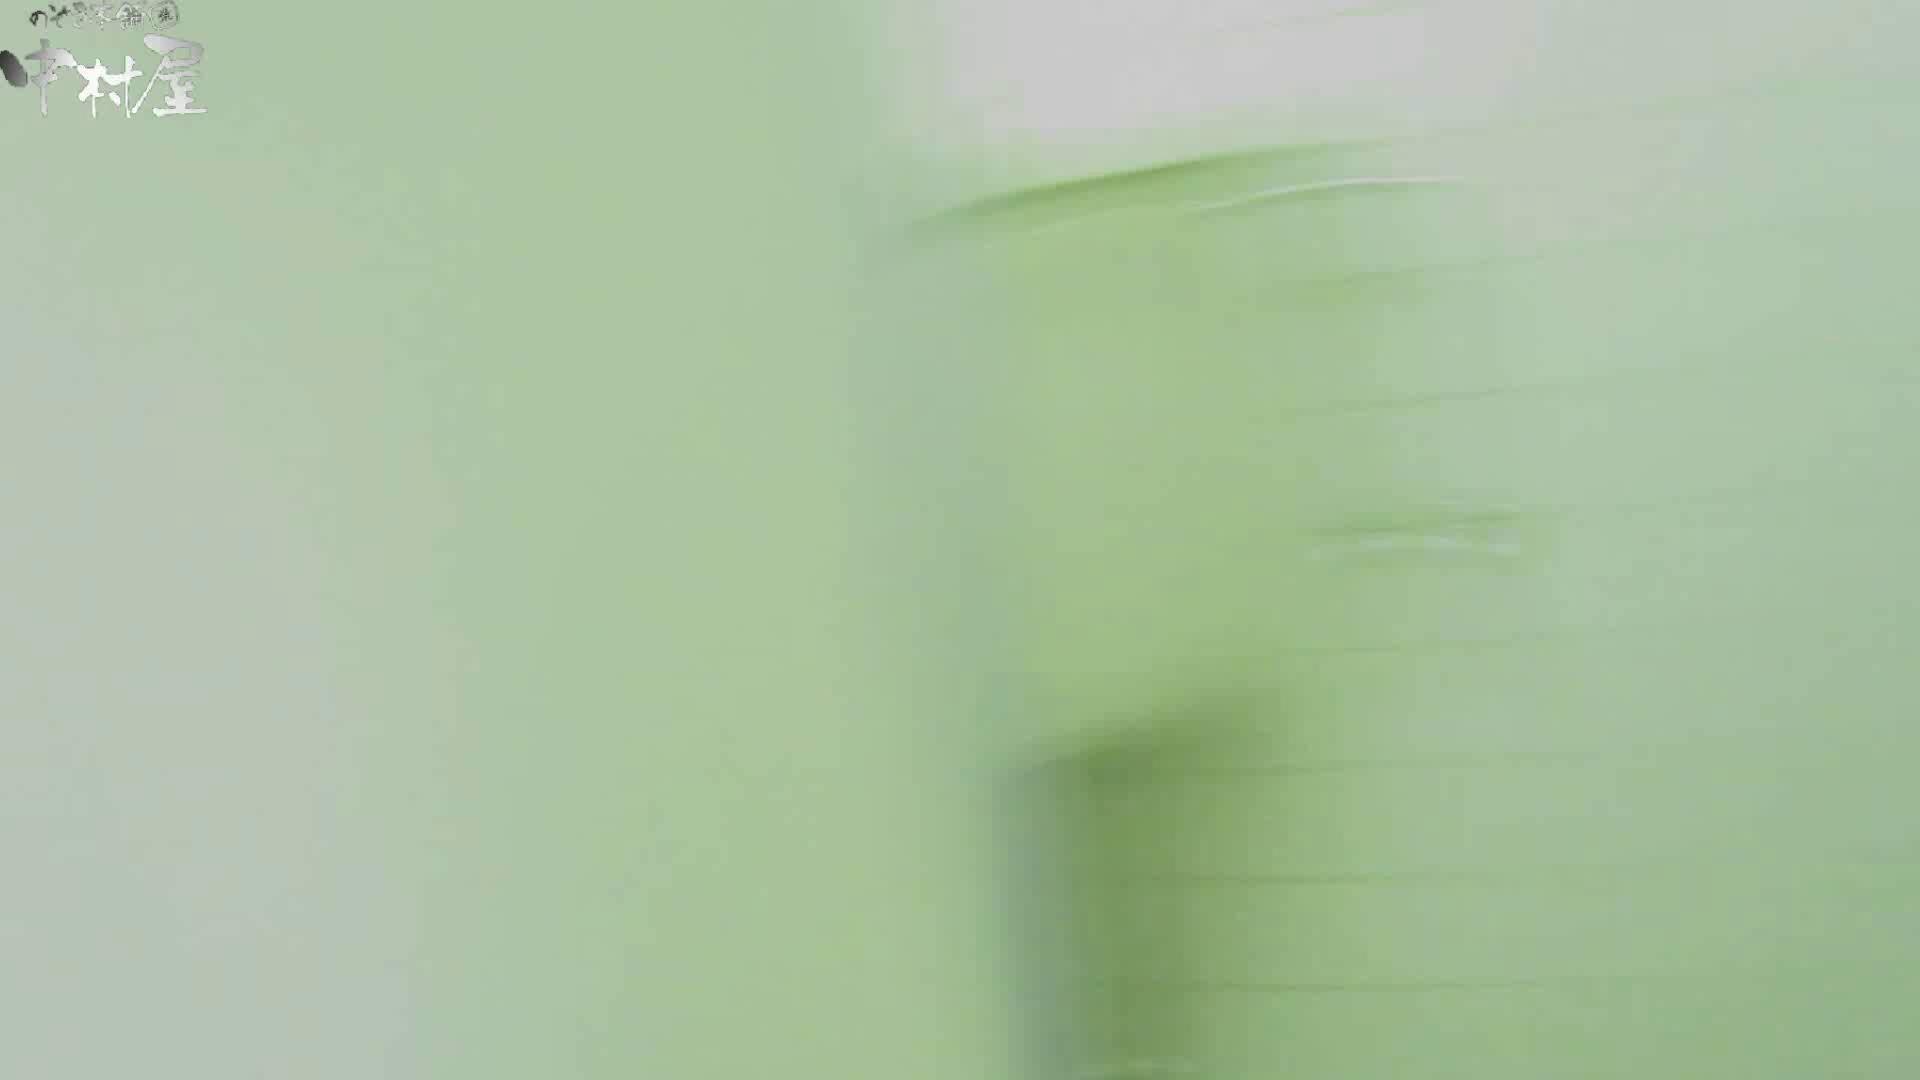 魂のかわや盗撮62連発! 長~い!黄金水! 41発目! 黄金水 | 女体盗撮  102連発 45